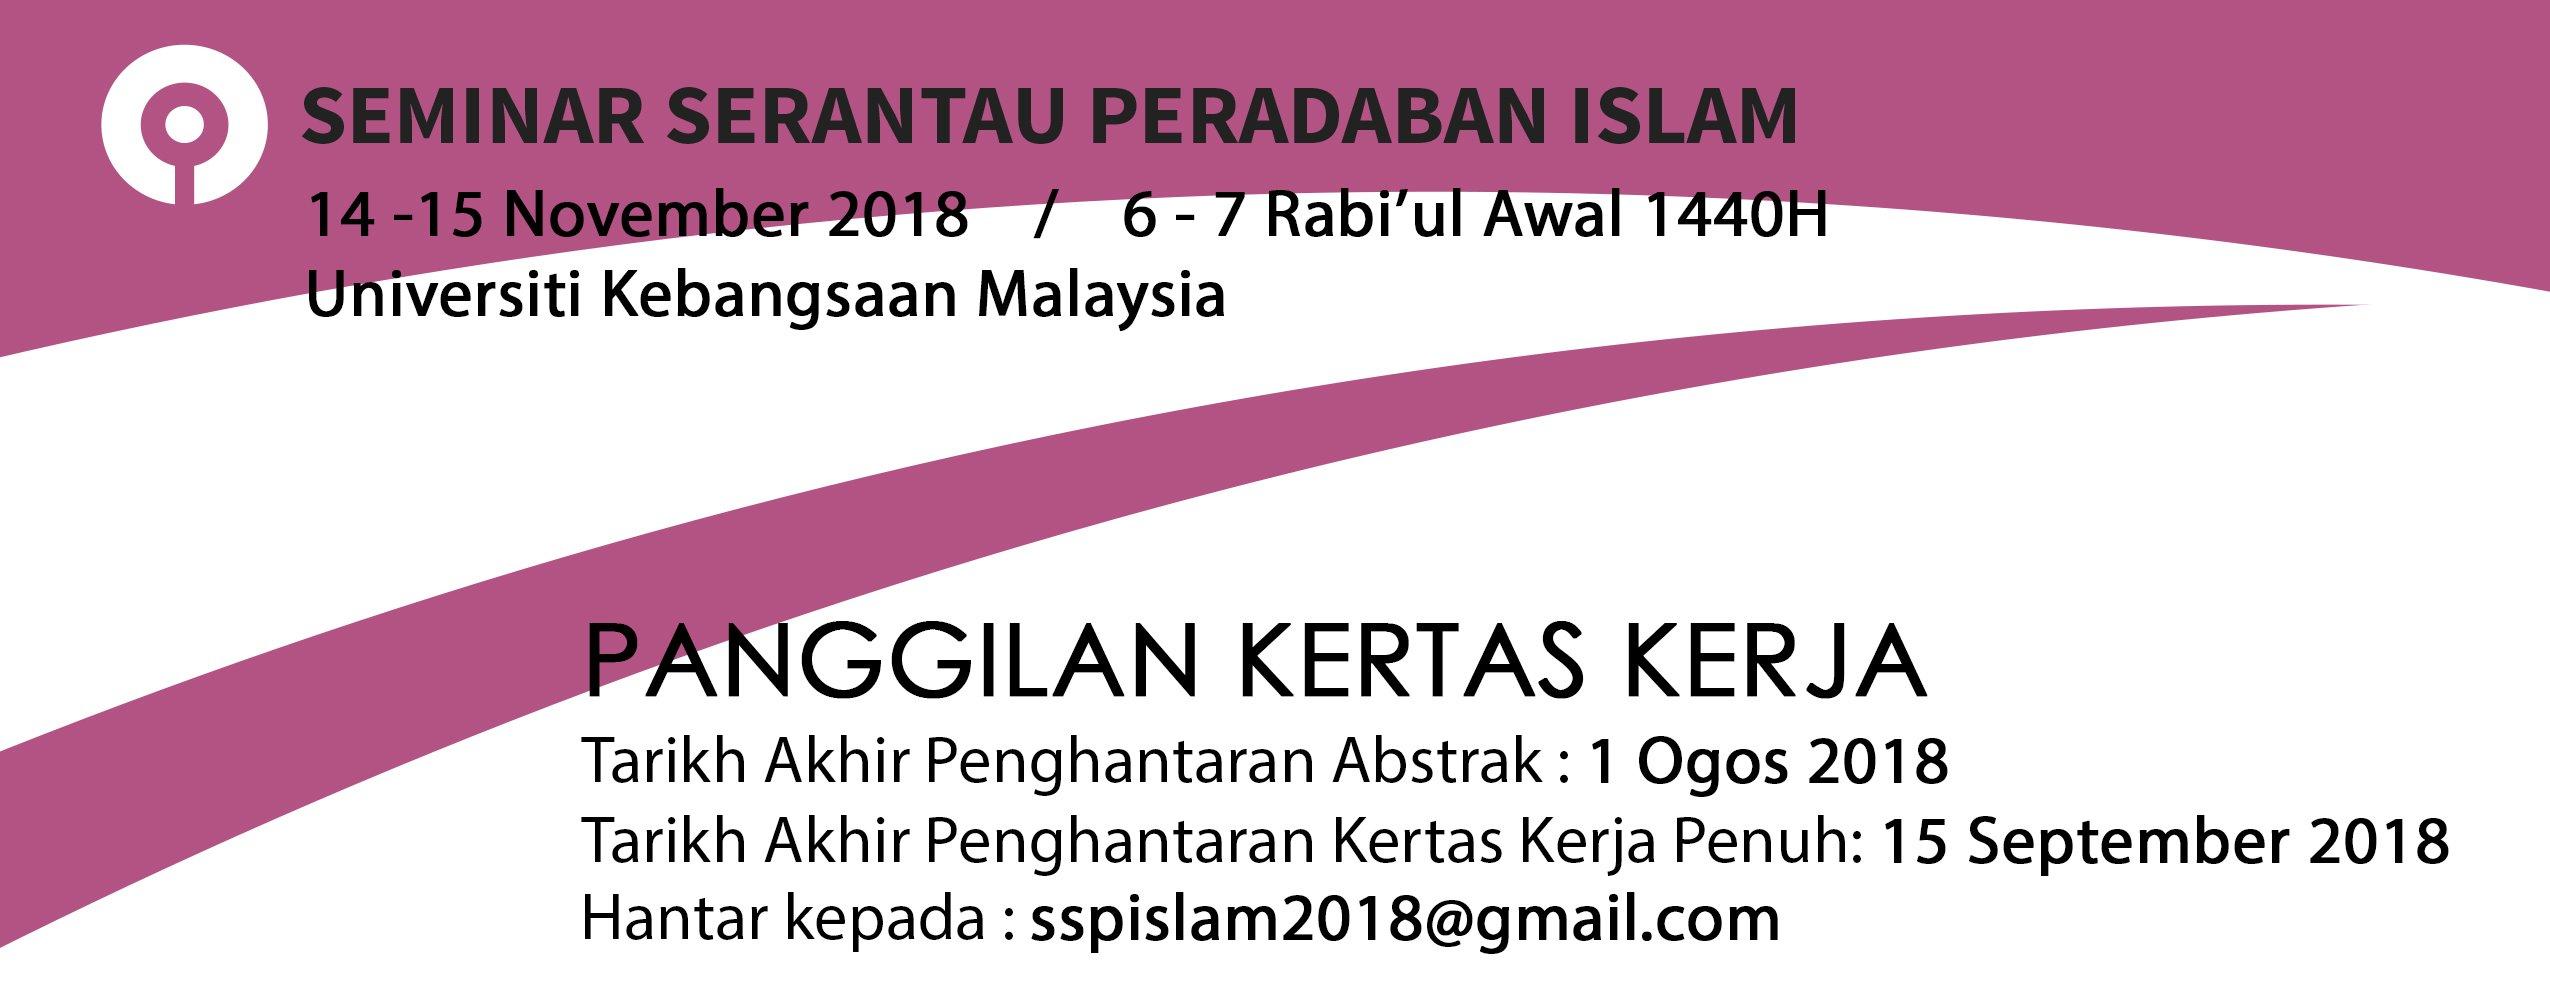 Seminar Serantau Peradaban Islam (Regional Seminar of Islamic Civilizational)